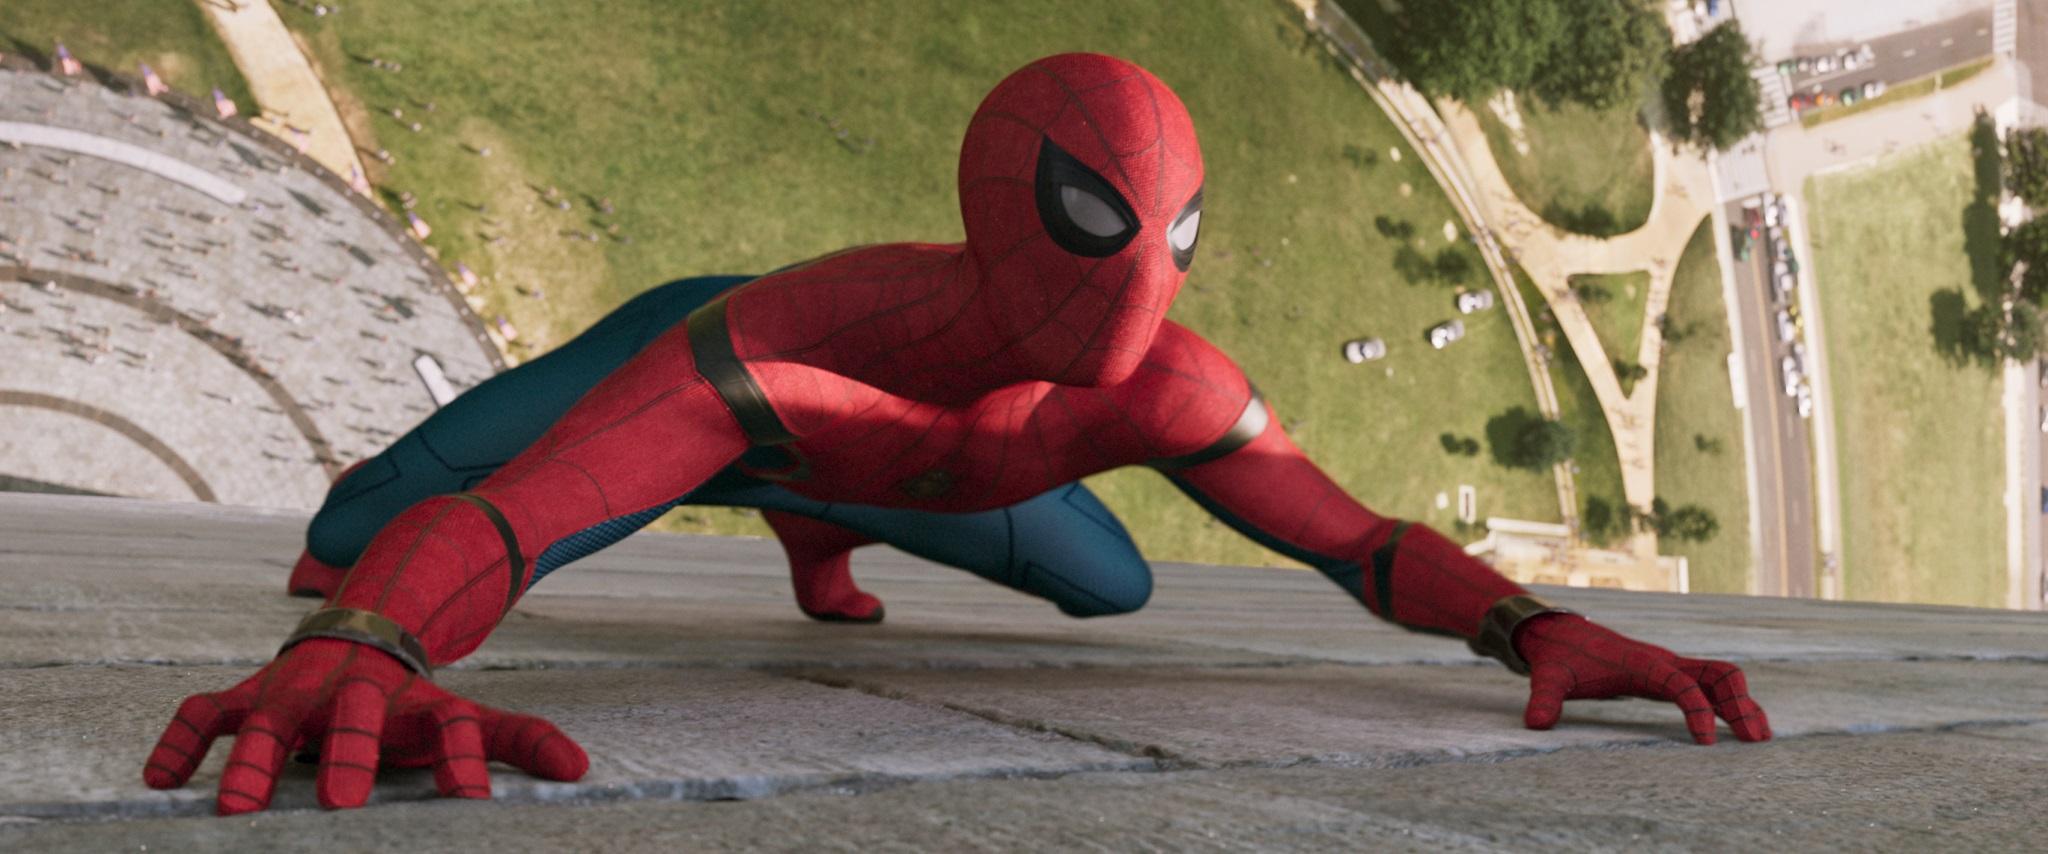 Человек-паук: Возвращение домой,  № 21